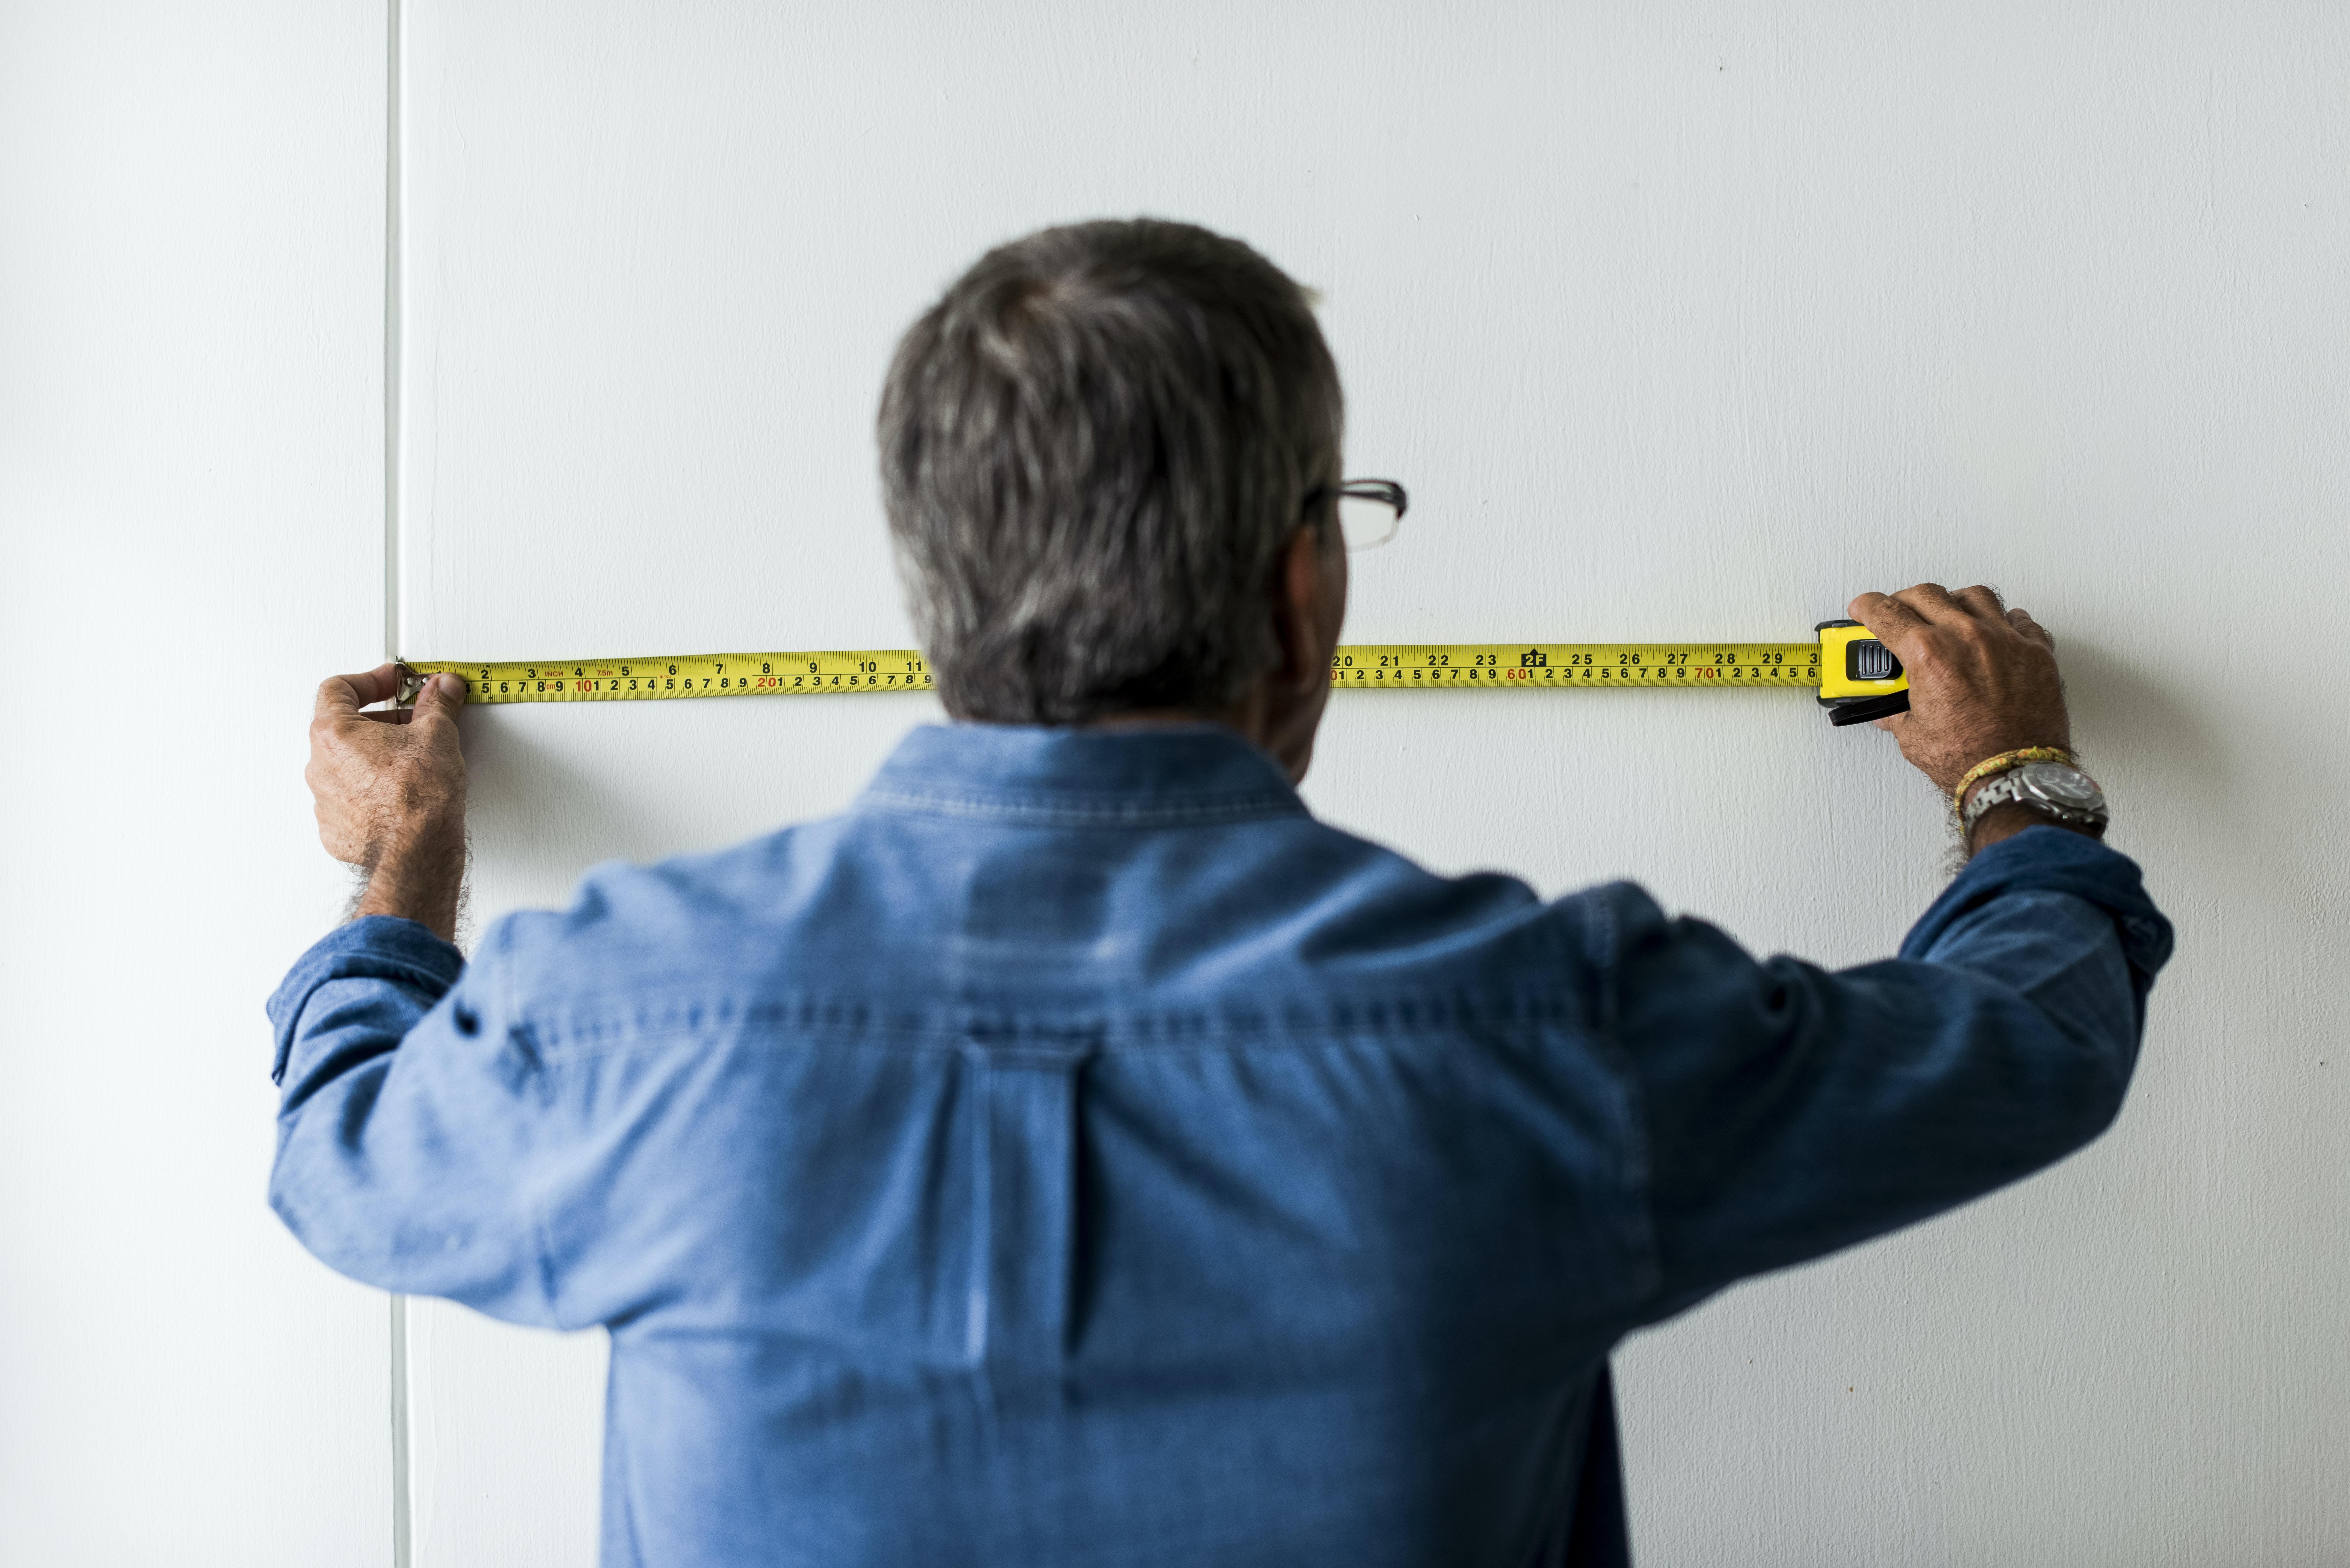 man holding tape measurer